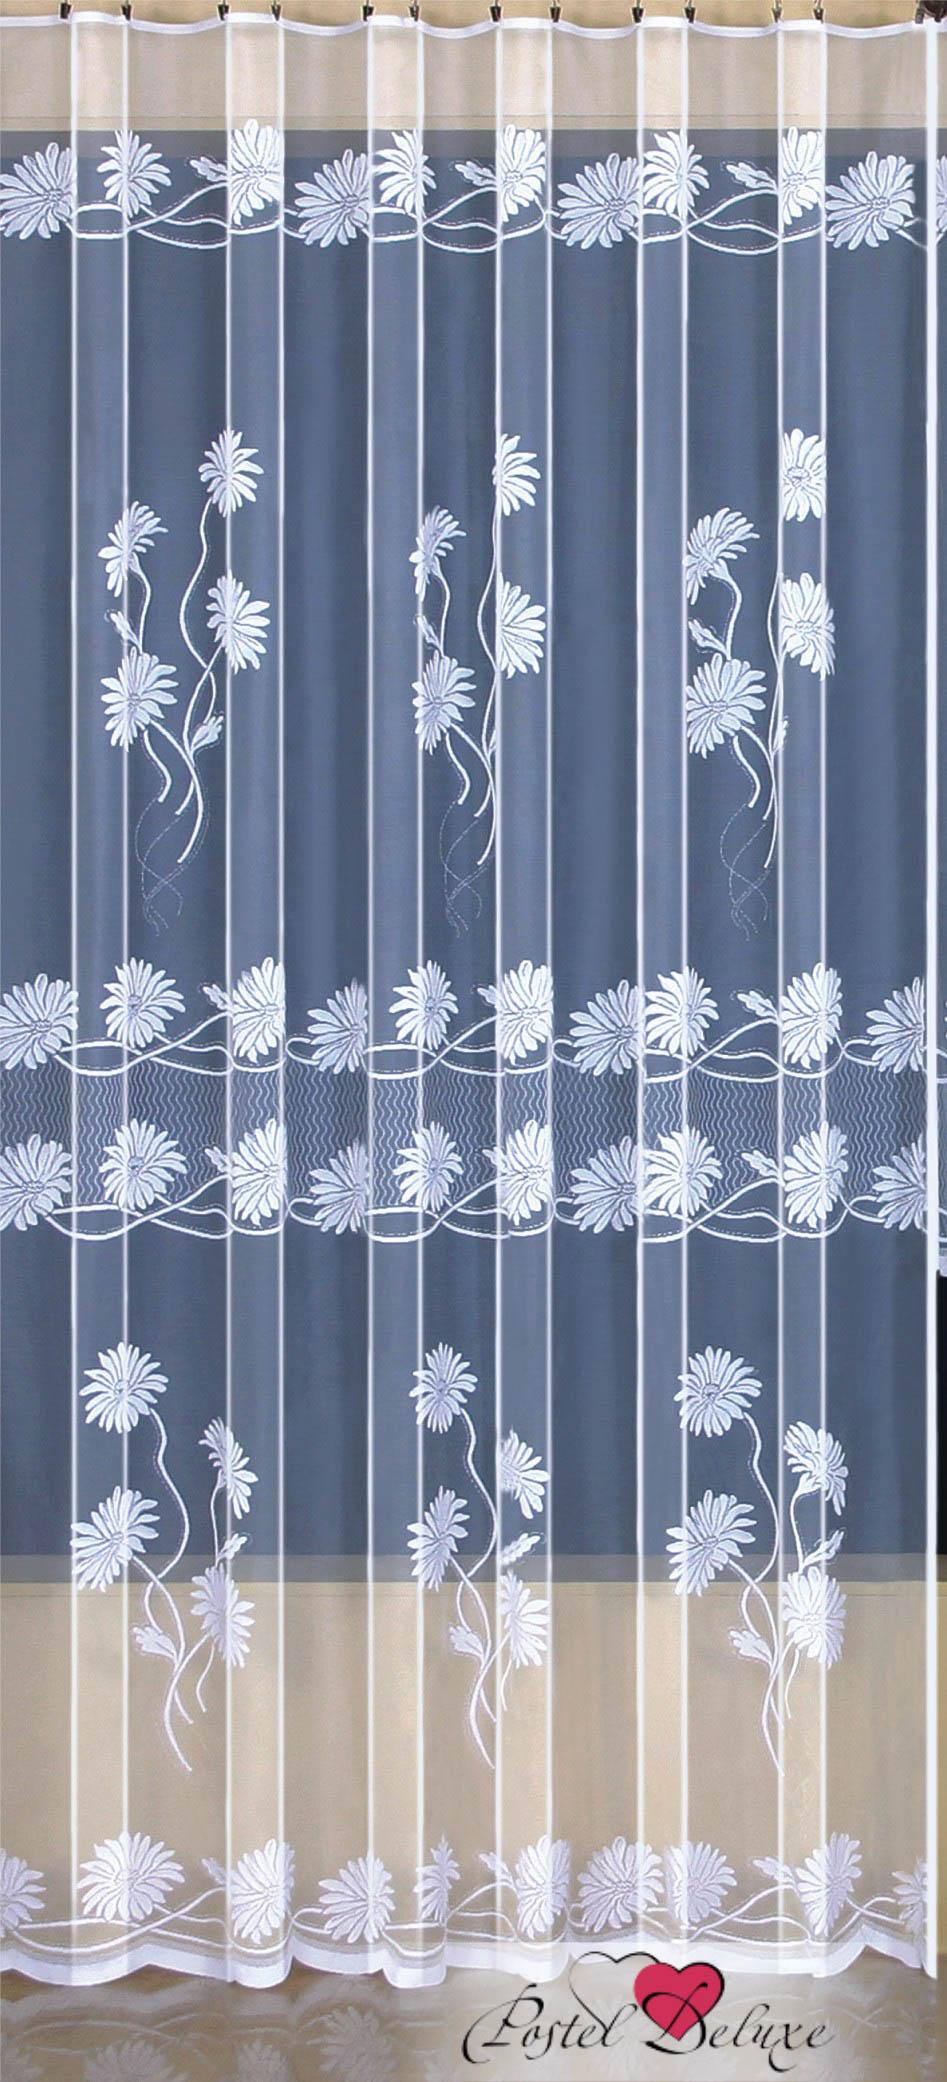 Шторы WisanШторы<br>ВНИМАНИЕ! Комплектация штор может отличаться от представленной на фотографии. Фактическая комплектация указана в описании изделия.<br><br>Производитель: Wisan<br>Cтрана производства: Польша<br>Классические шторы<br>Материал гардины: Тюль<br>Размер гардины: 200х250 см (1 шт.)<br>Вид крепления: Зажимы<br>Рекомендуемая ширина карниза (см): 80-135<br><br>Заказывая шторы нужно помнить, что полотно портьеры (2 шт. для 1 окна) и гардины (1 шт на окно) не вешается «в натяжку». Исключение составляют римские и японские шторы. Все остальные модели предусматривают образование складок, а для этого ширина шторы должно быть больше длины карниза (как правило в 1.5-2.5 раза). Чем больше соотношение тем гуще складки, коэффициент 1.5 считается минимально допустимой сборкой, в то время как 2.5 сборка с густыми складками. Размер карниза указанный в описании предполагает, что вы будете использовать 1 гардину на 1 окно. Ели вы собираетесь использовать к примеру 2 гардины на 1 окно, то размер карниза должен быть в 2 раза больше, чем указано.<br><br>Тип: шторы<br>Размерность комплекта: Классические шторы<br>Материал: Тюль<br>Размер наволочки: None<br>Подарочная упаковка: Классические шторы<br>Для детей: Классические шторы<br>Ткань: Тюль<br>Цвет: Белый